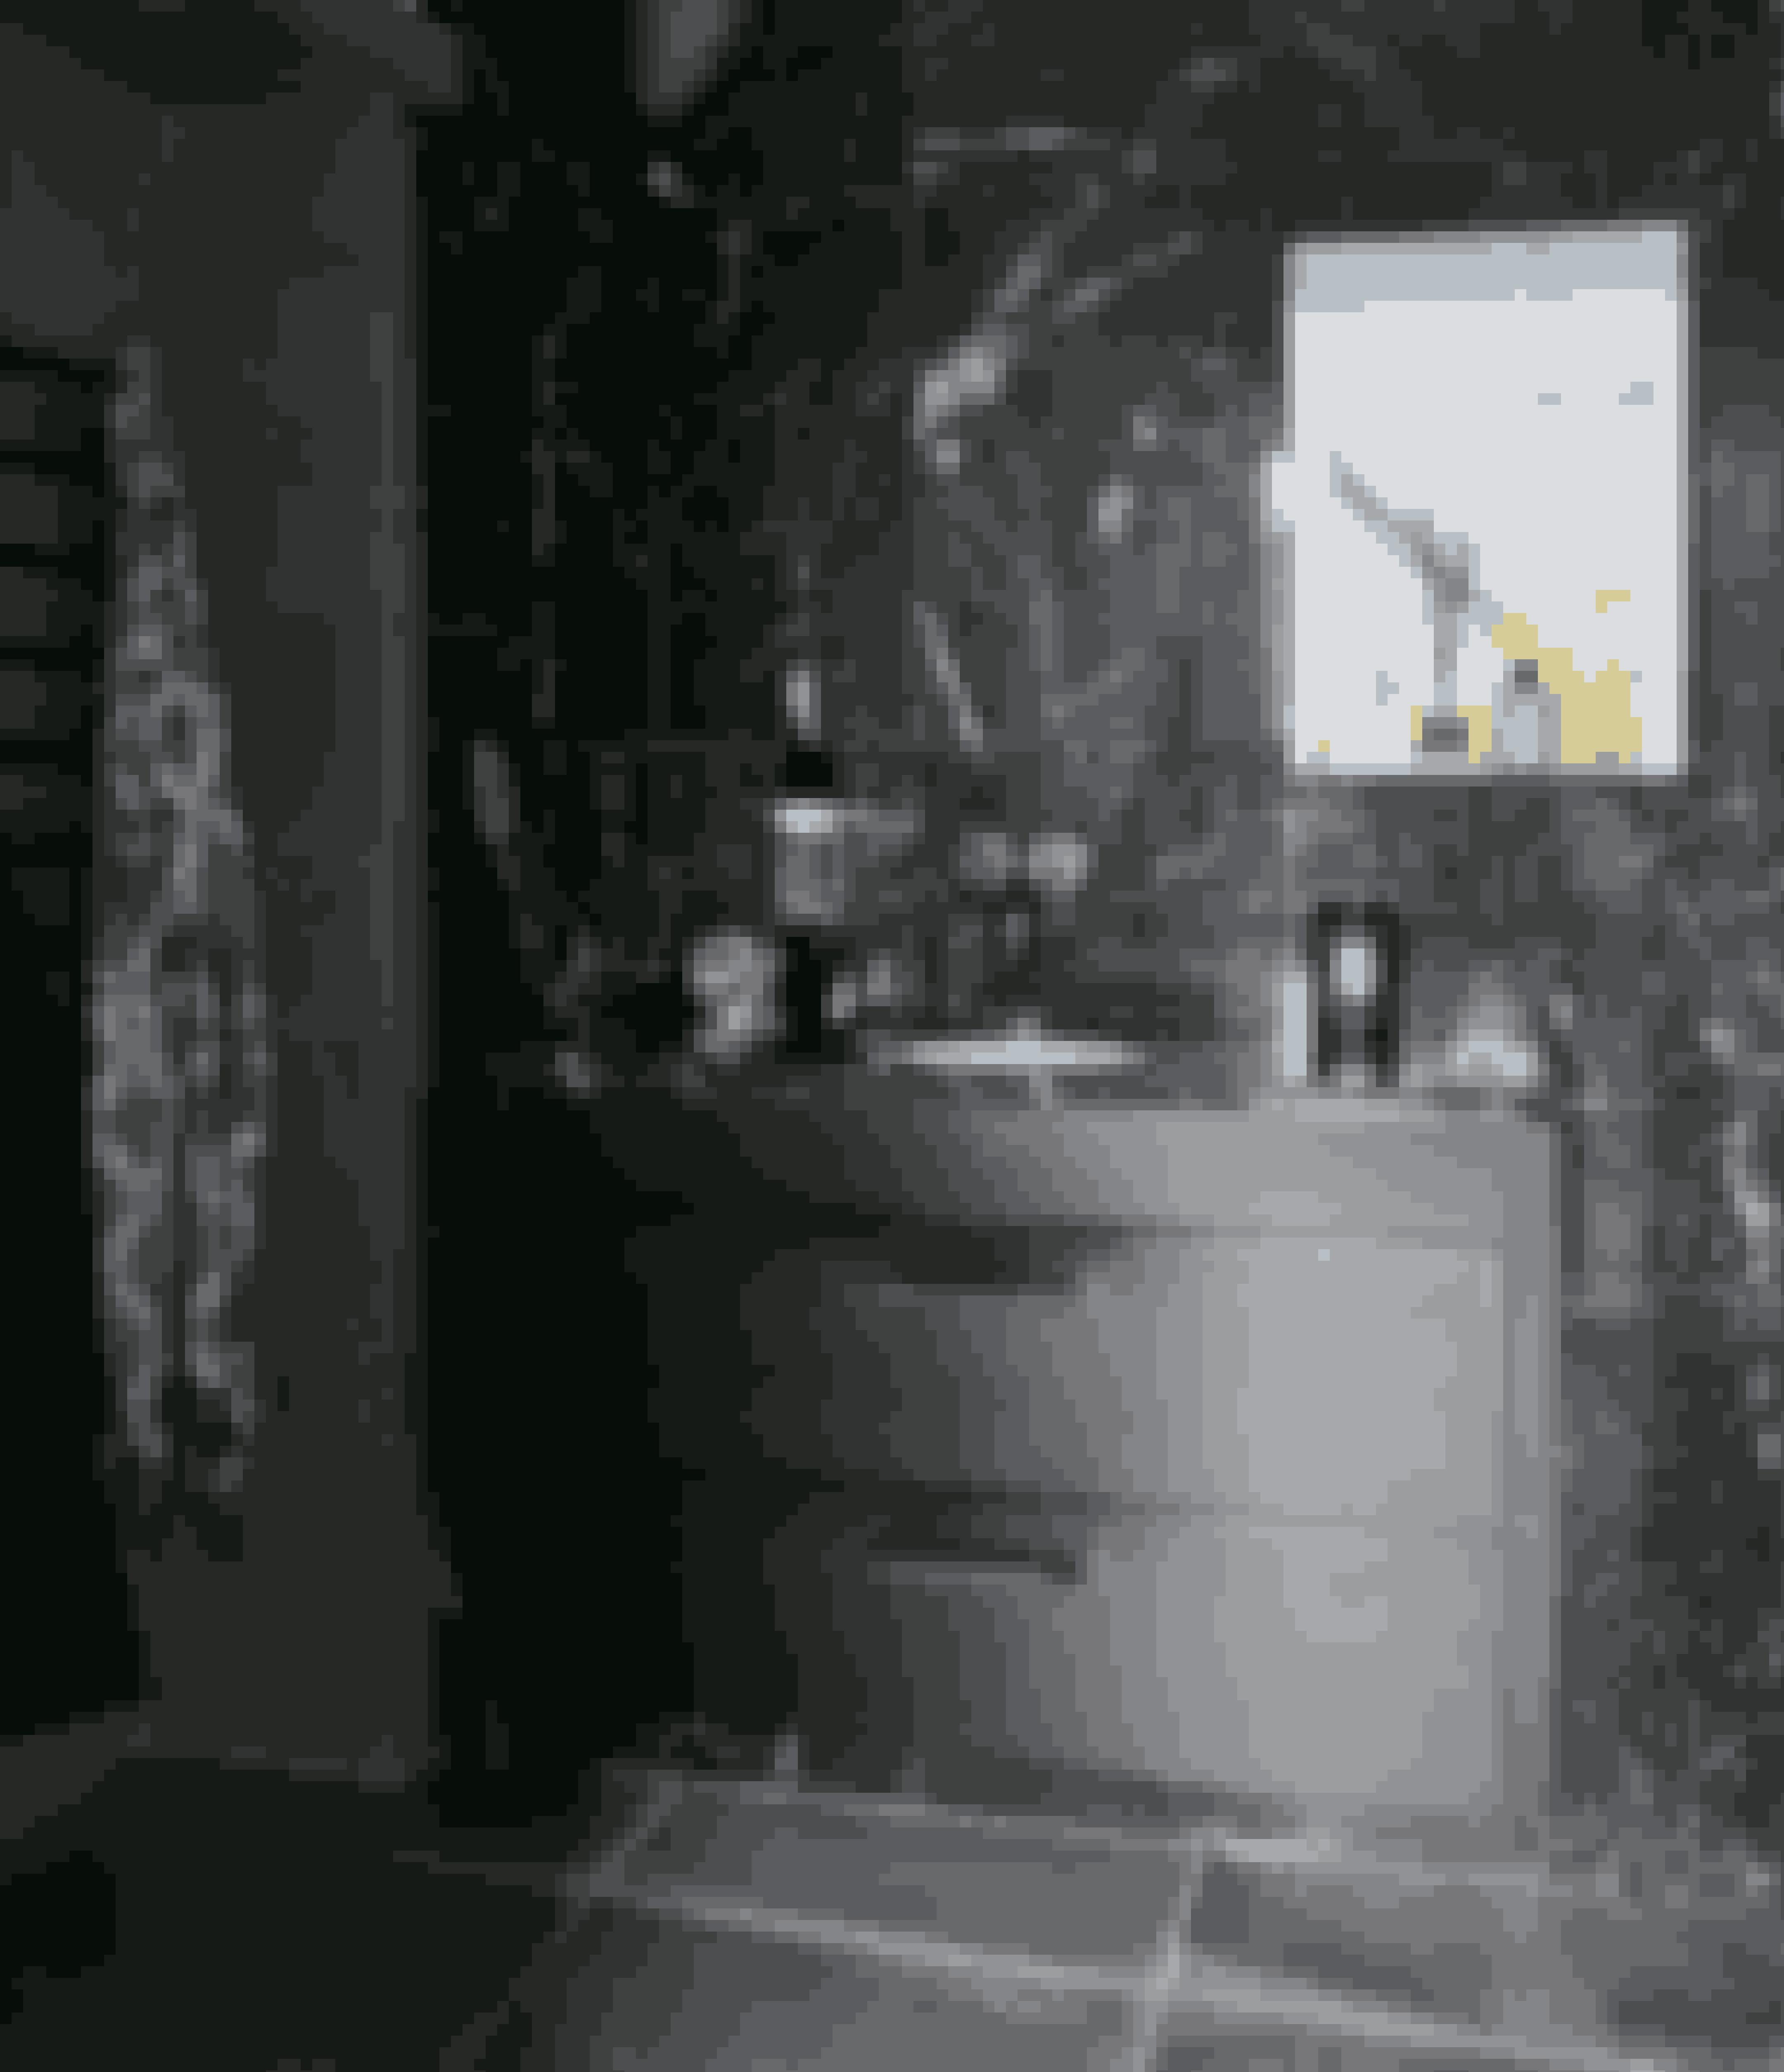 Giv en enkelt væg kabespartel – som her i farven Cold Steel – hvis du gerne vil skabe en hulestemning. Designet består af sorte Marquina-marmorfliser på bagvæg og bordplade, betonfliser på gulv, Vola-armatur og snedkerfremstillede skuffer med sorte messinggreb. Gubi Grossmann Cobra-væglampe og kimono fra H&M.